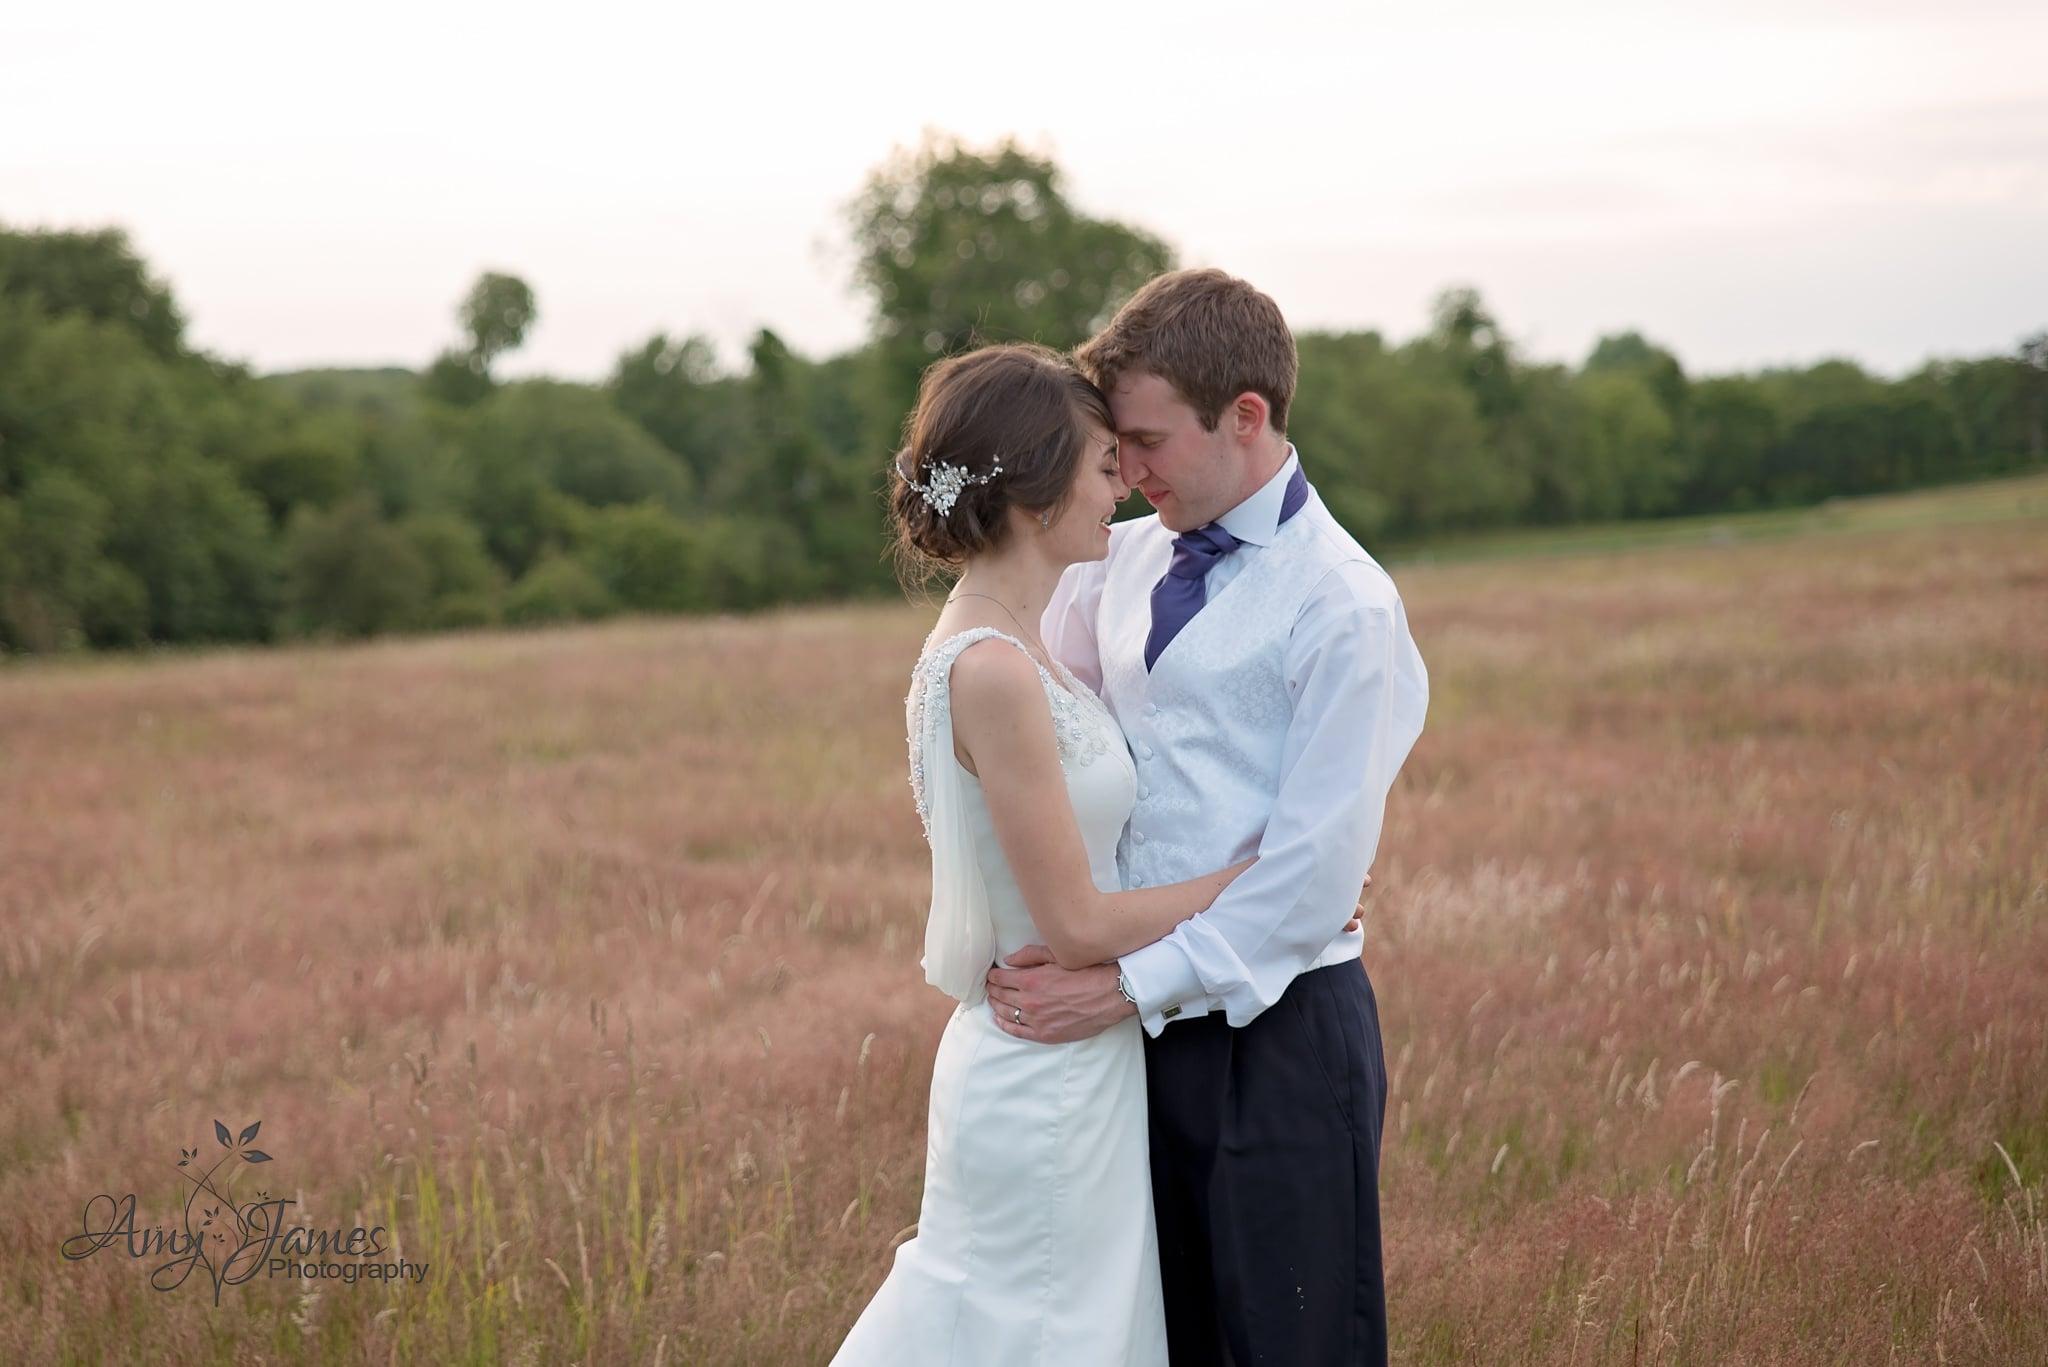 Hampshire wedding photographer / Barn wedding / Fleet wedding photographer